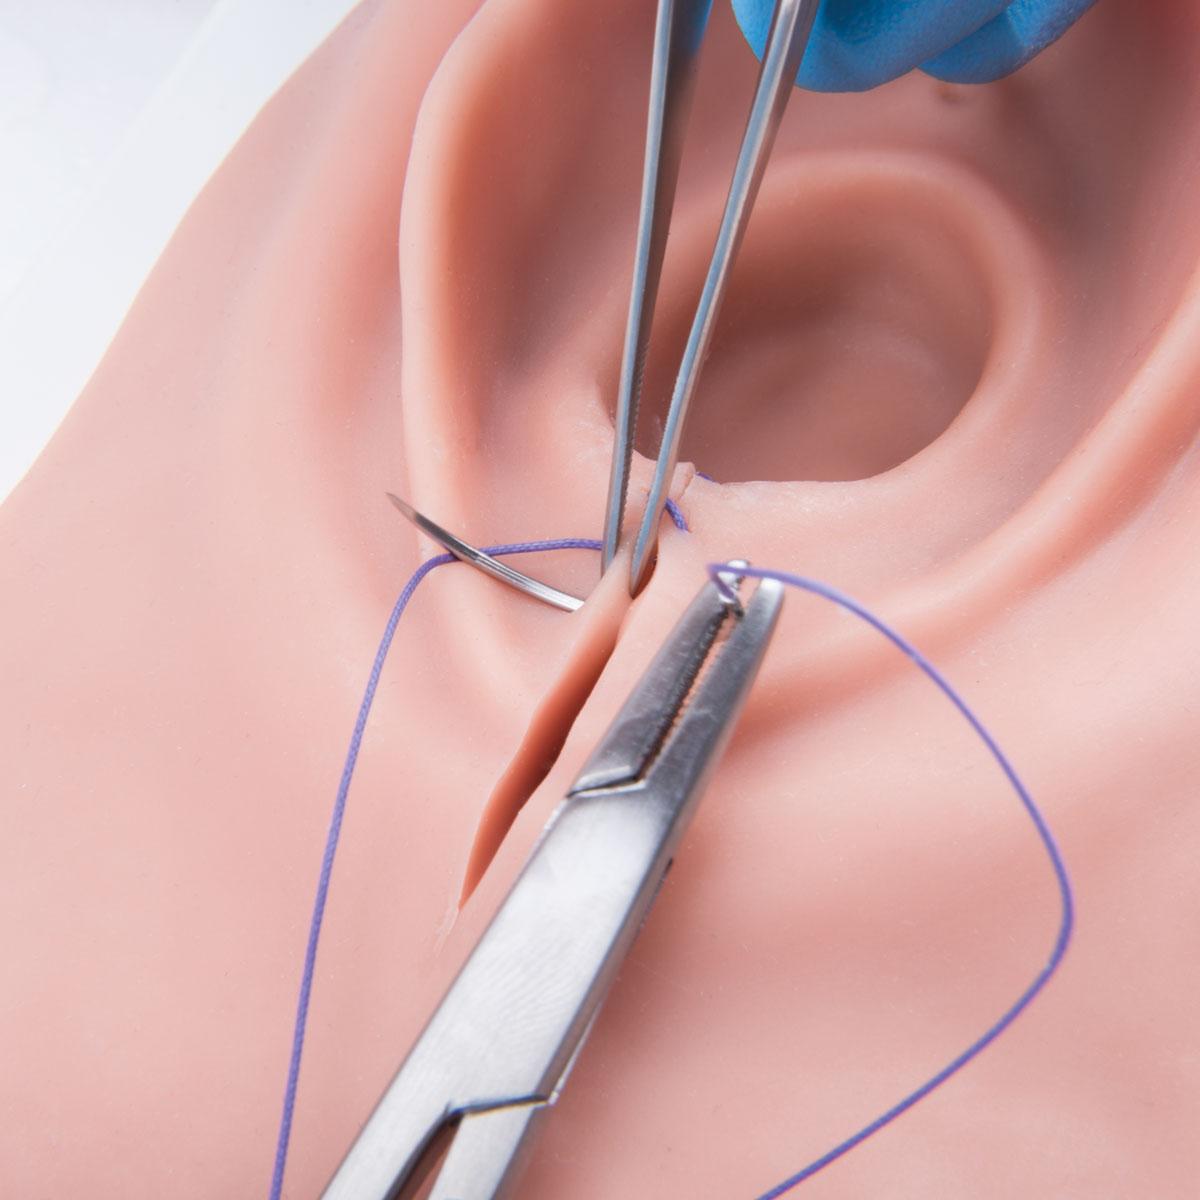 Episiotomy And Suturing Simulator 1019639 3b